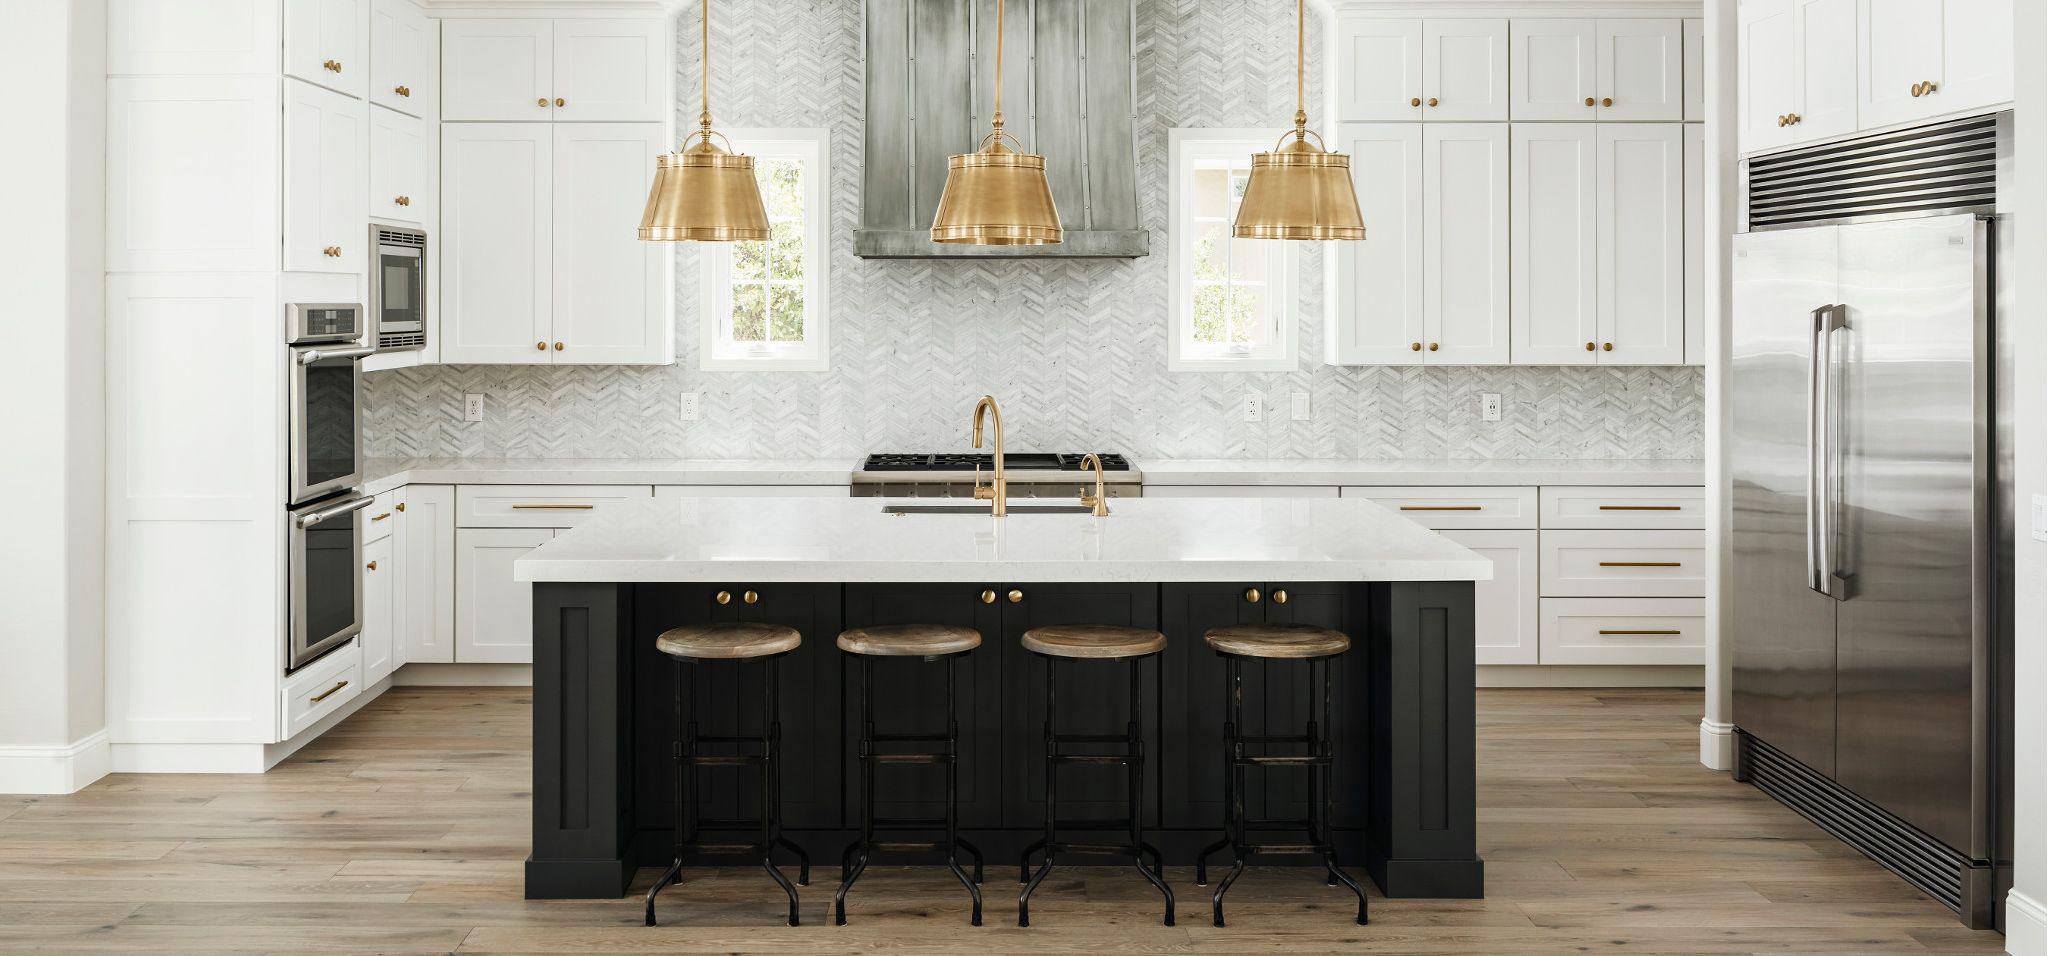 Featured Design: Swanbridge  link